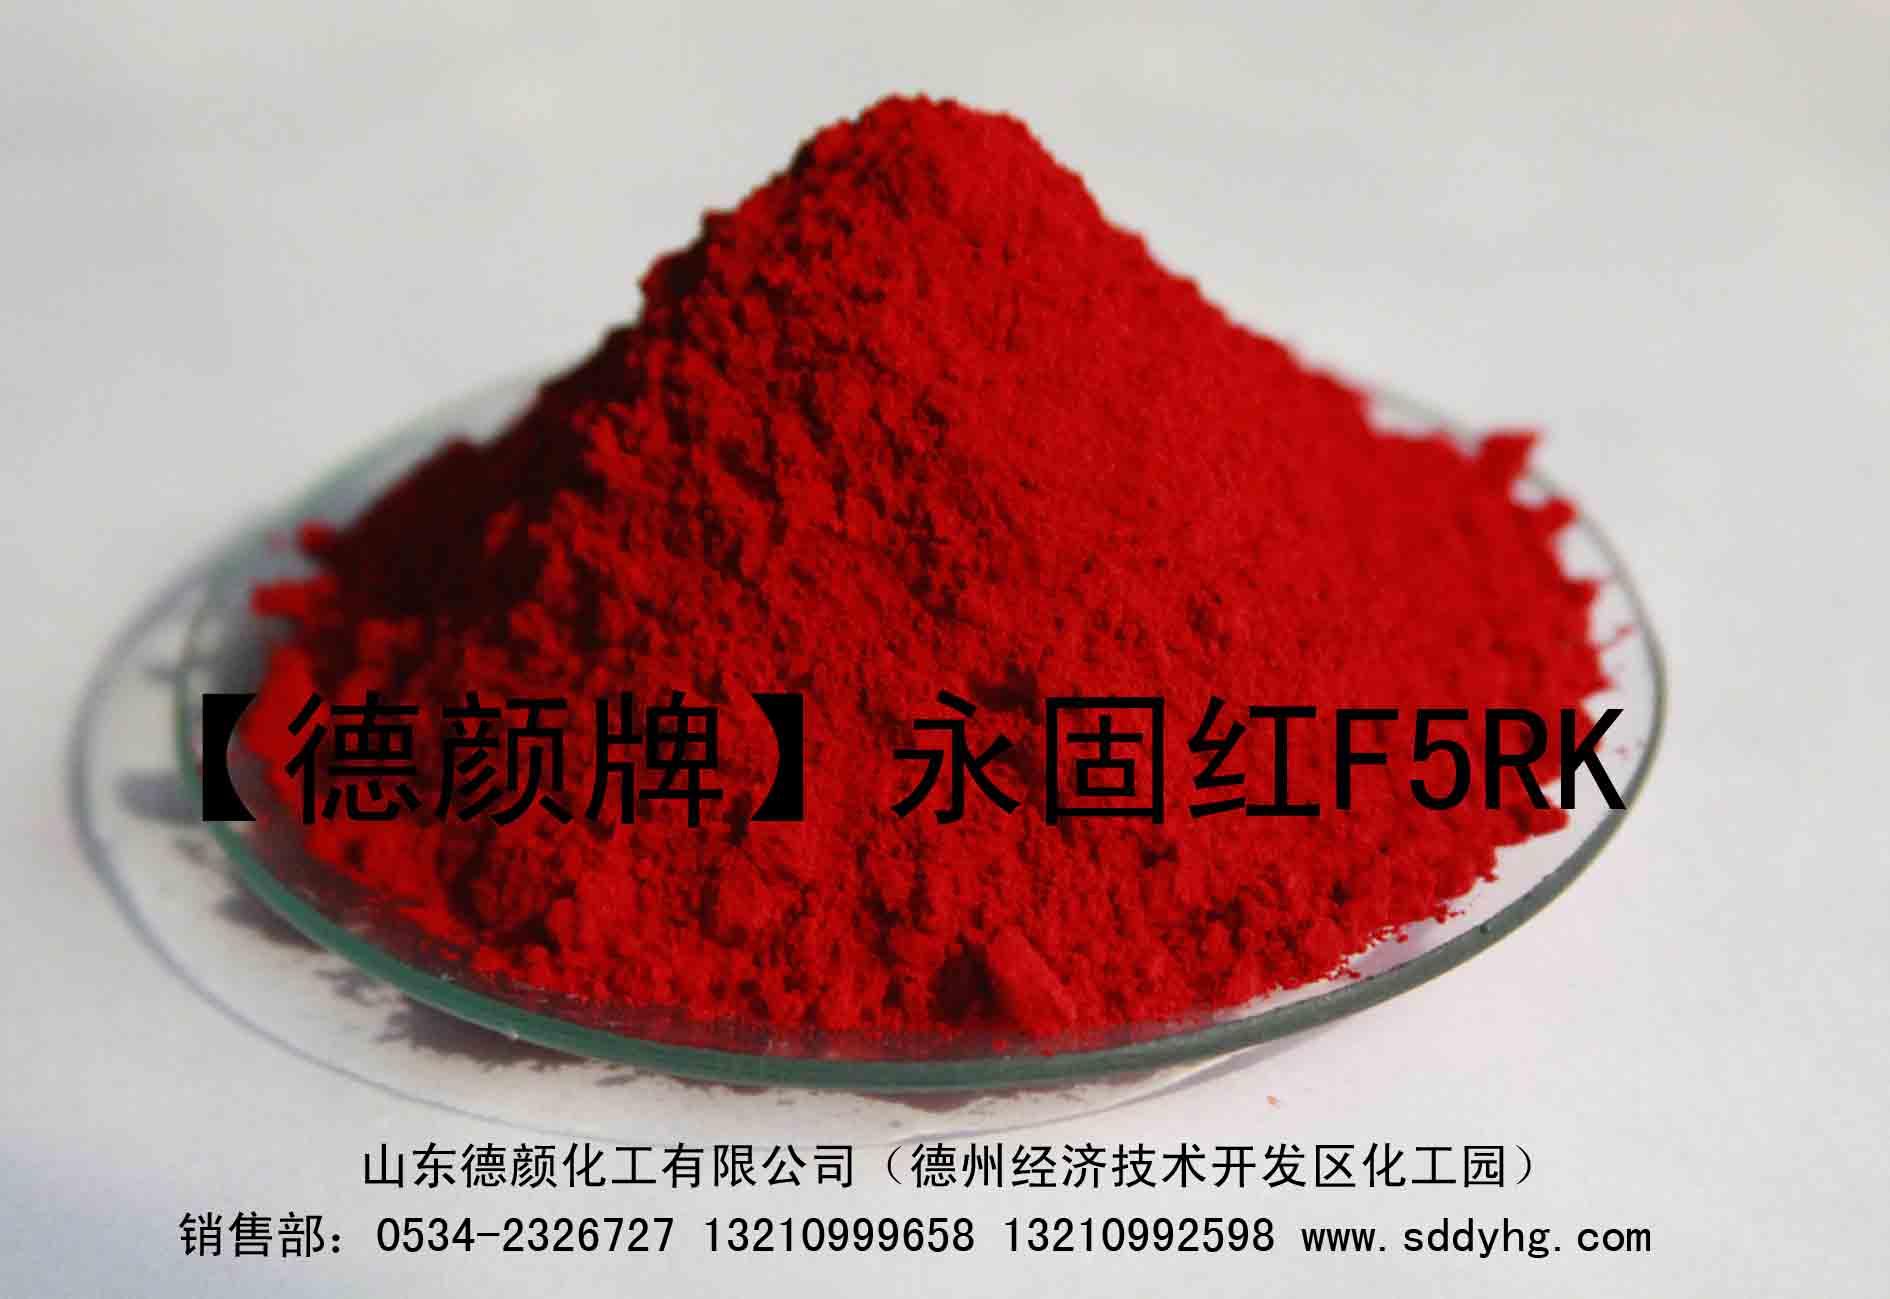 专业生产销售德颜牌永固红F5RK